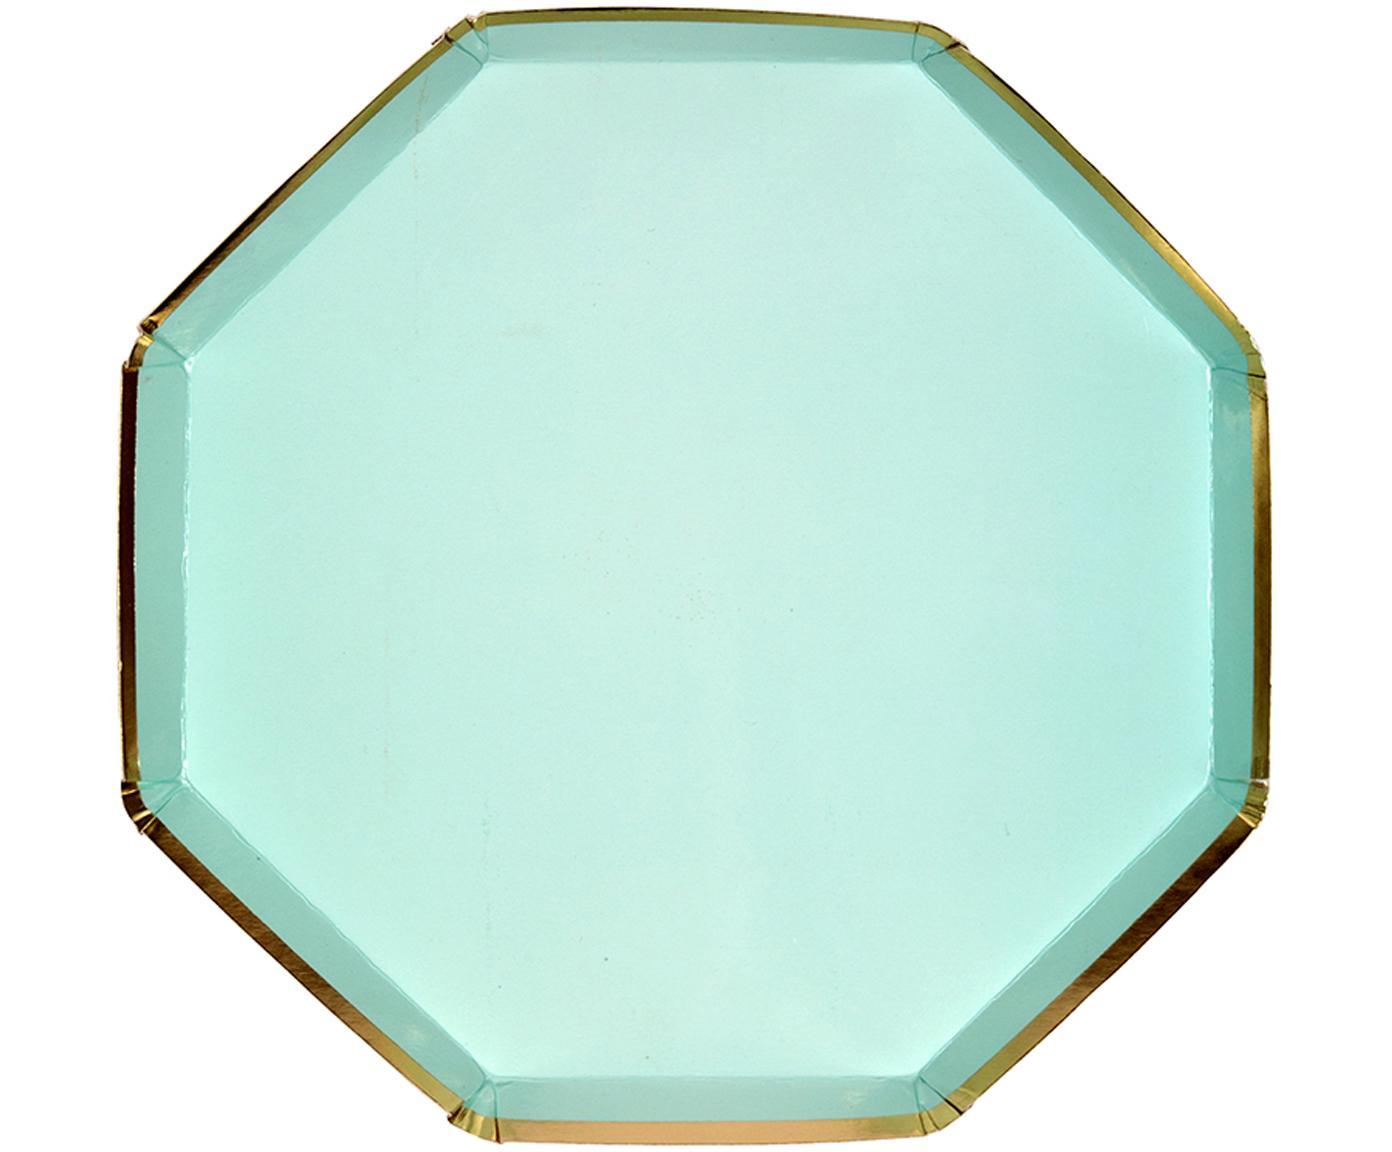 Papieren borden Simply Eco, 8 stuks, Gecoat papier, Mintgroen, Ø 20 x H 1 cm